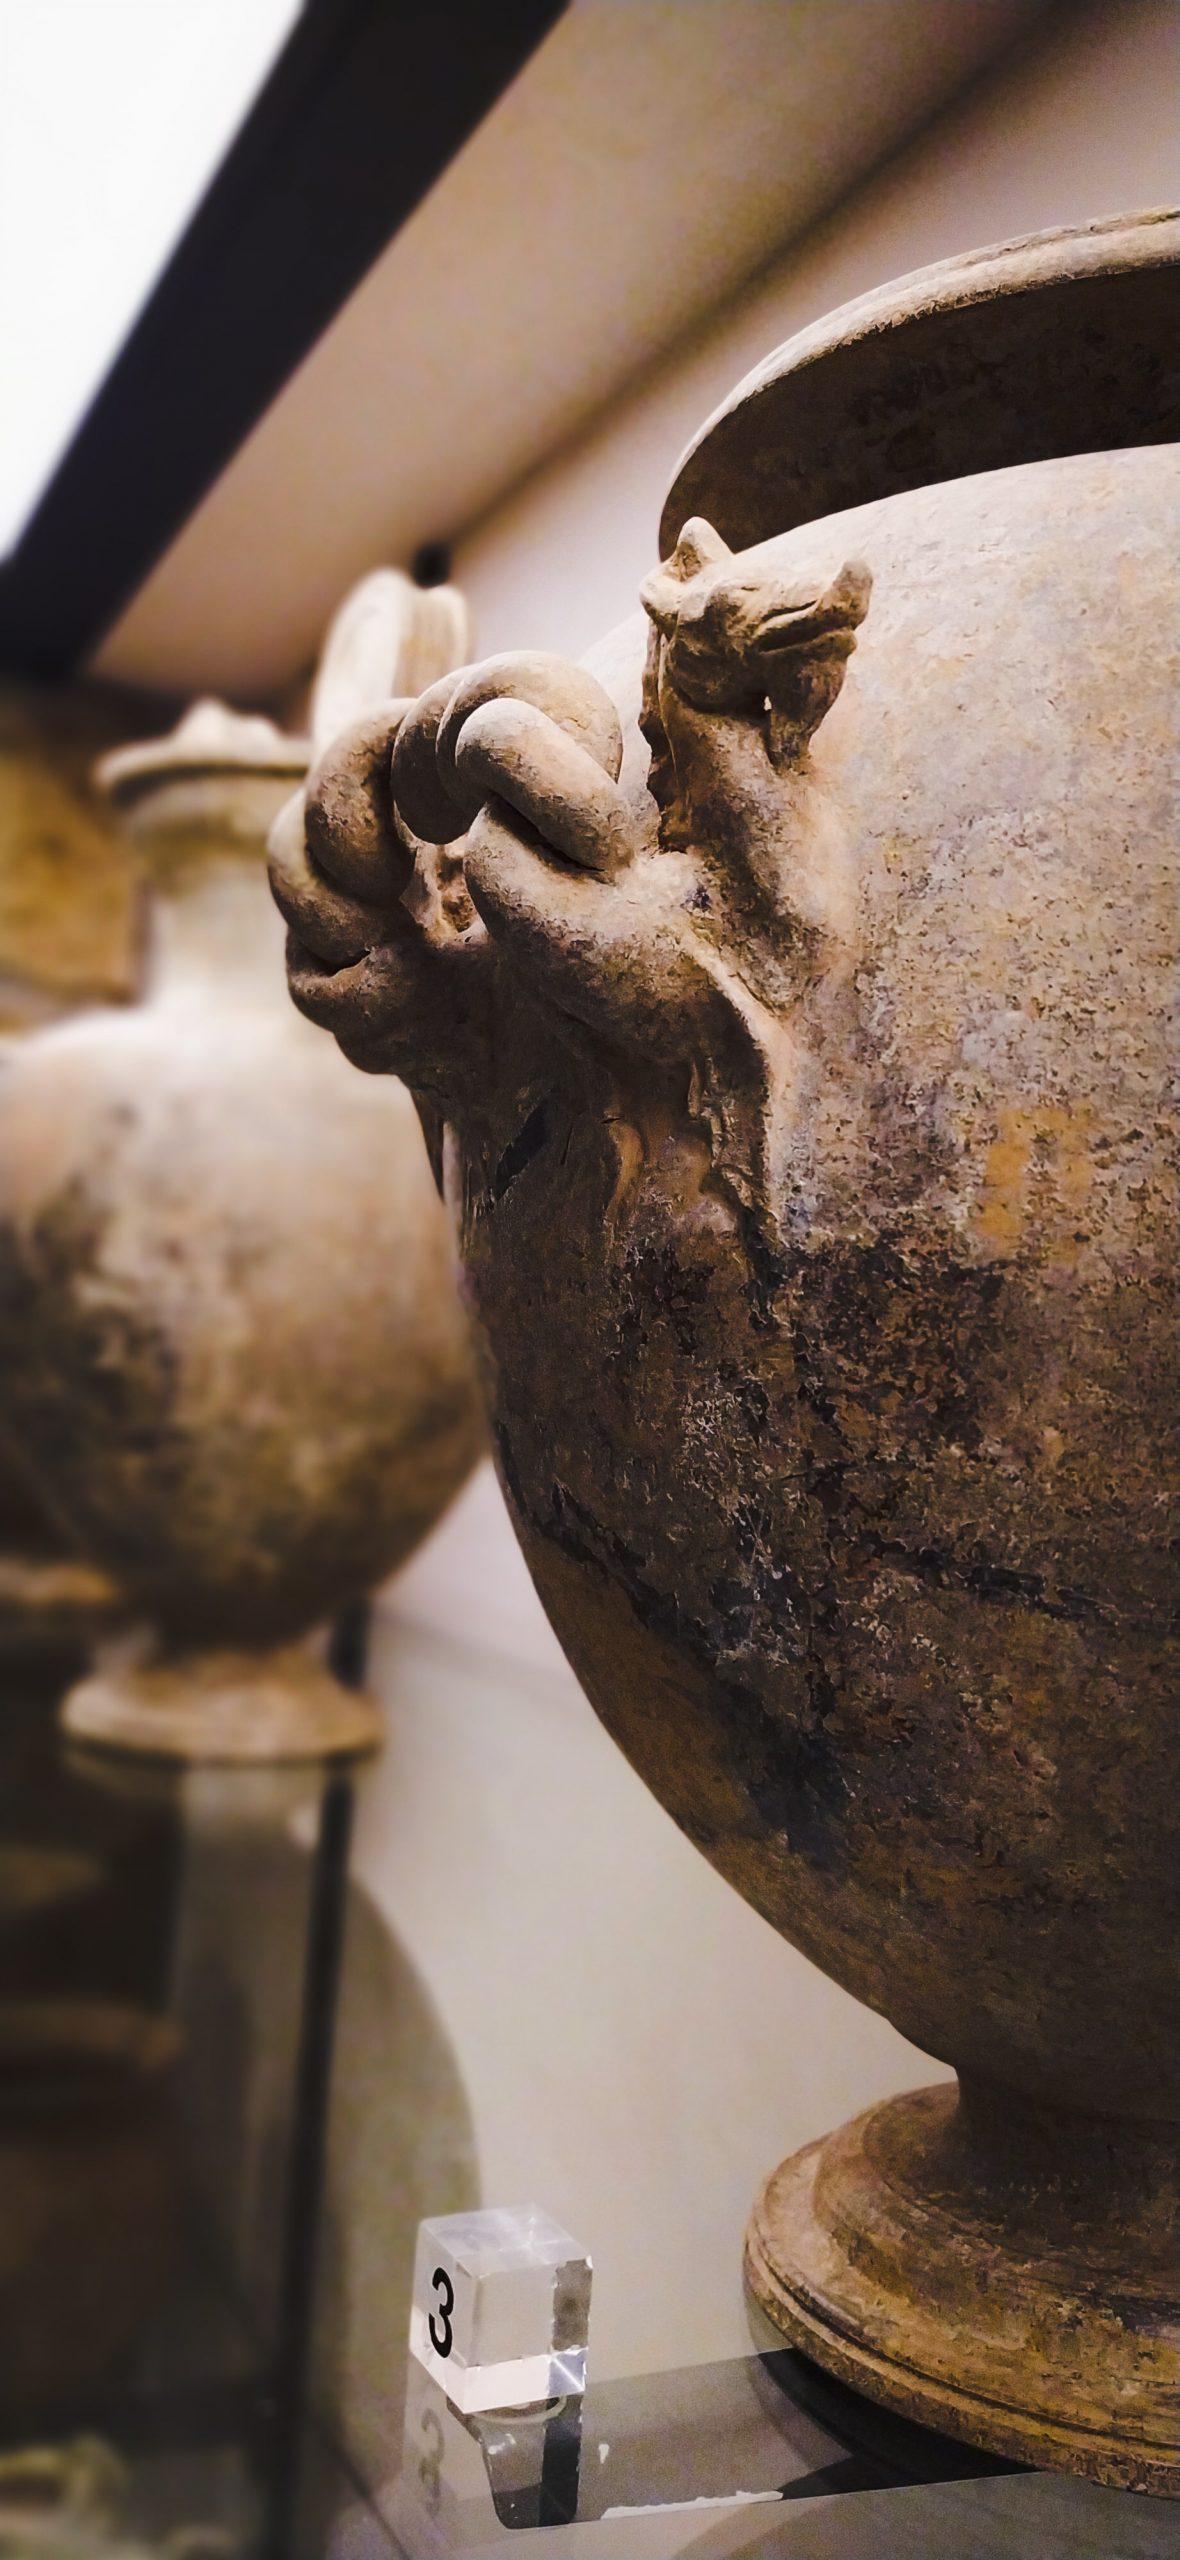 ceramica-argentata-etrusca-con-ippocampo-Museo-delle-Necropoli-Rupestri-Barbarano-Romano